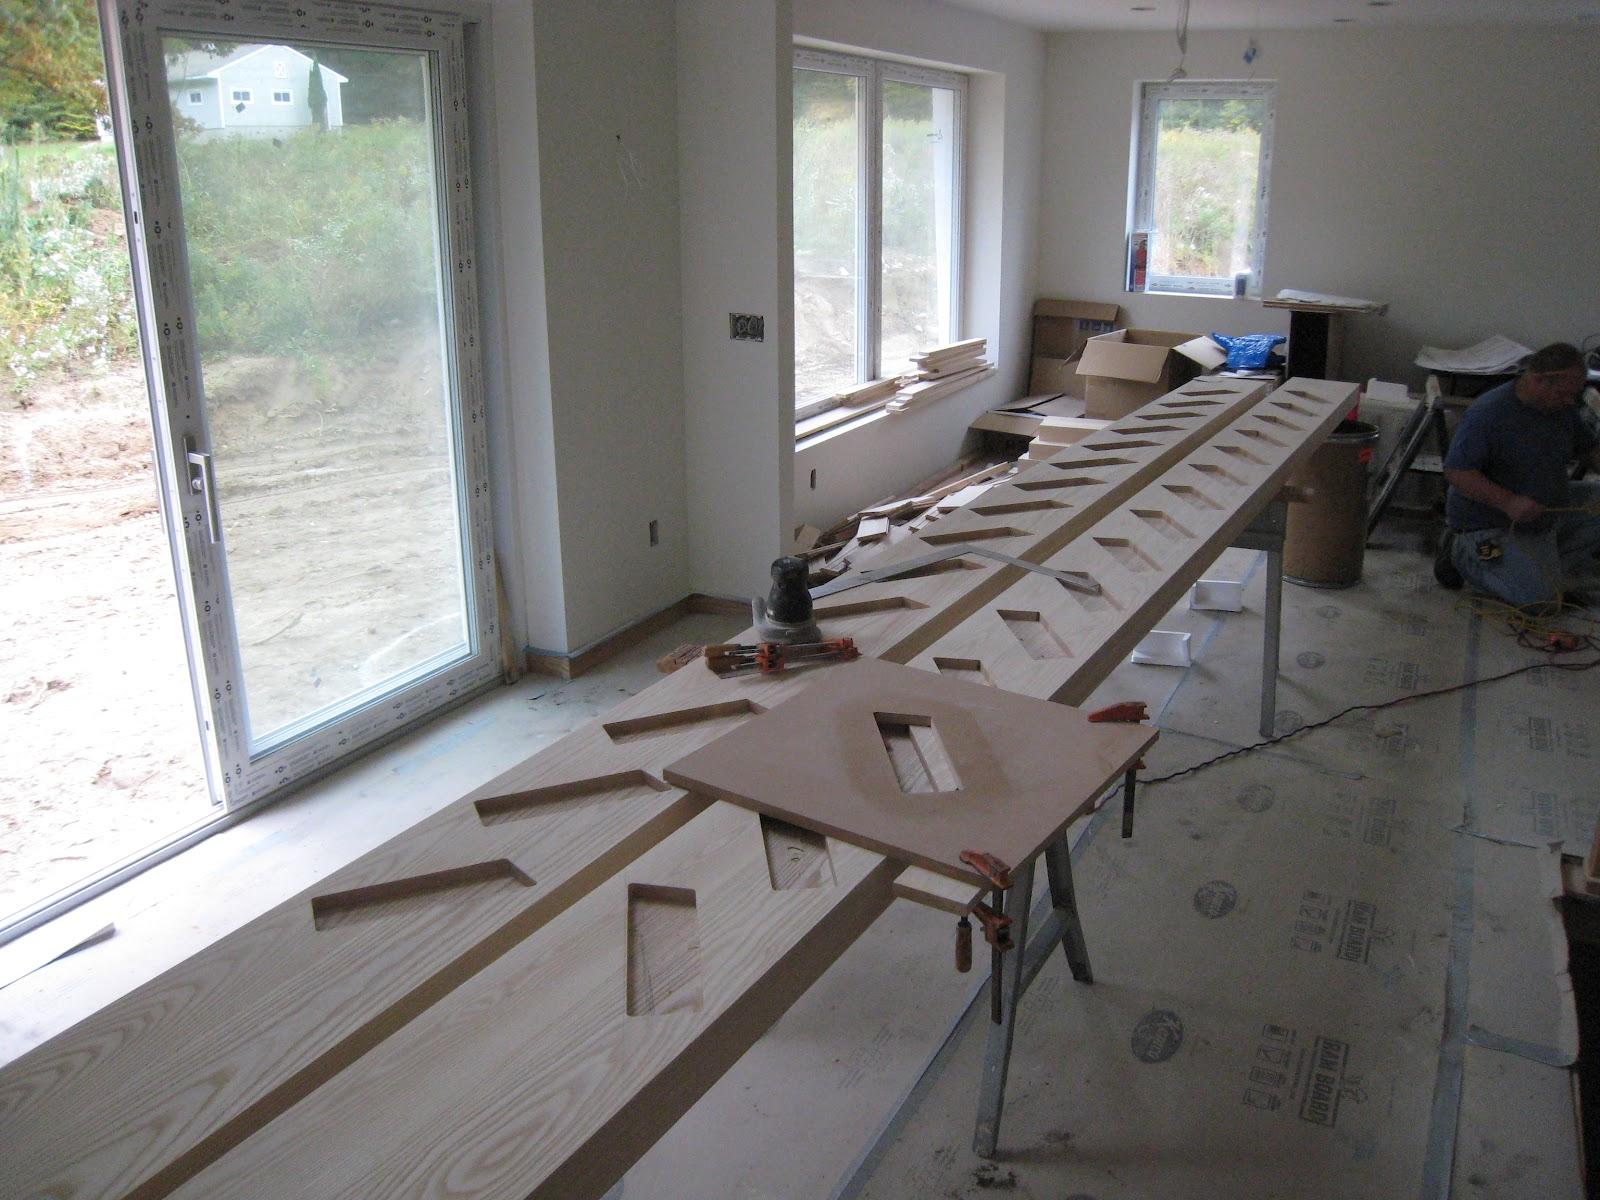 Our connecticut passive house: 2012